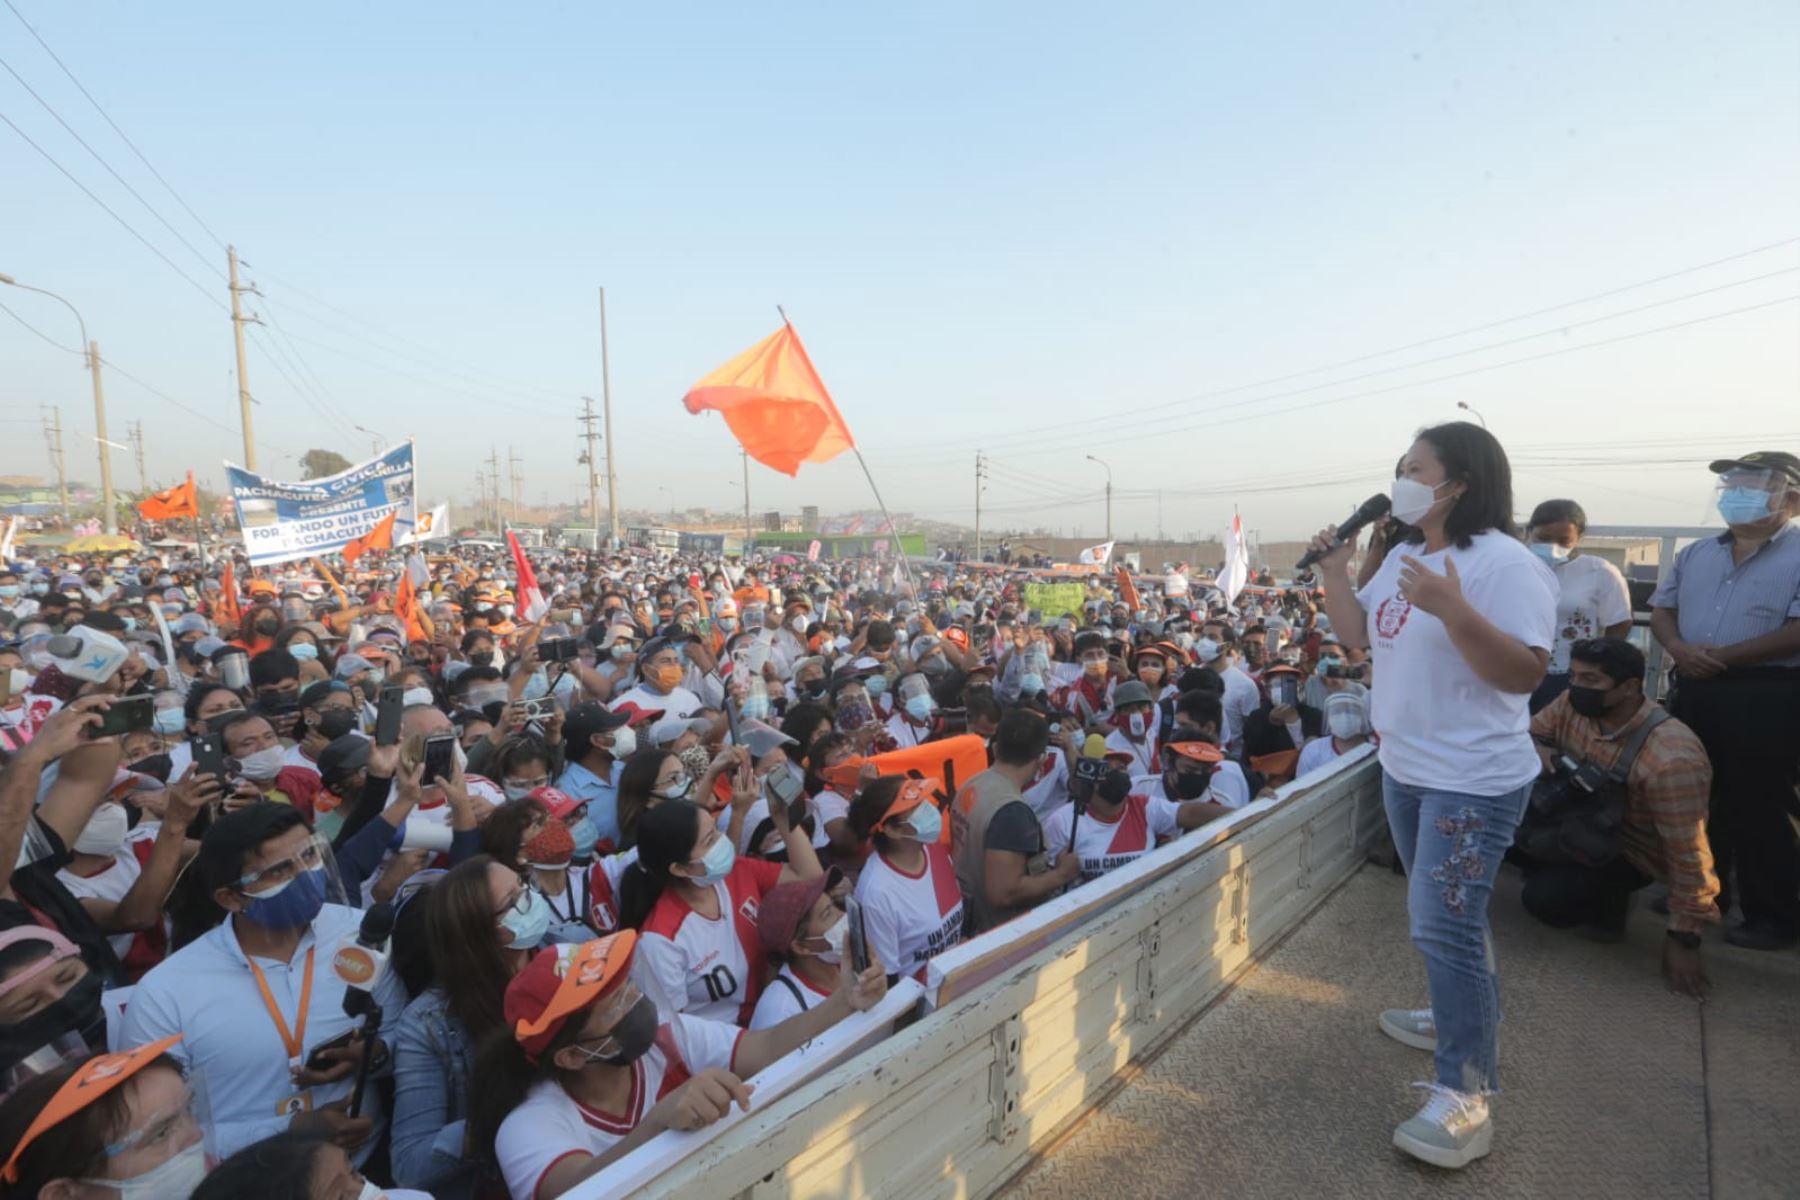 Mitin de la  candidata de Fuerza Popular, Keiko Fujimori  en el distrito de Ventanilla, como parte de su agenda en la ciudad de Lima. Foto: ANDINA/Jhony Laurente